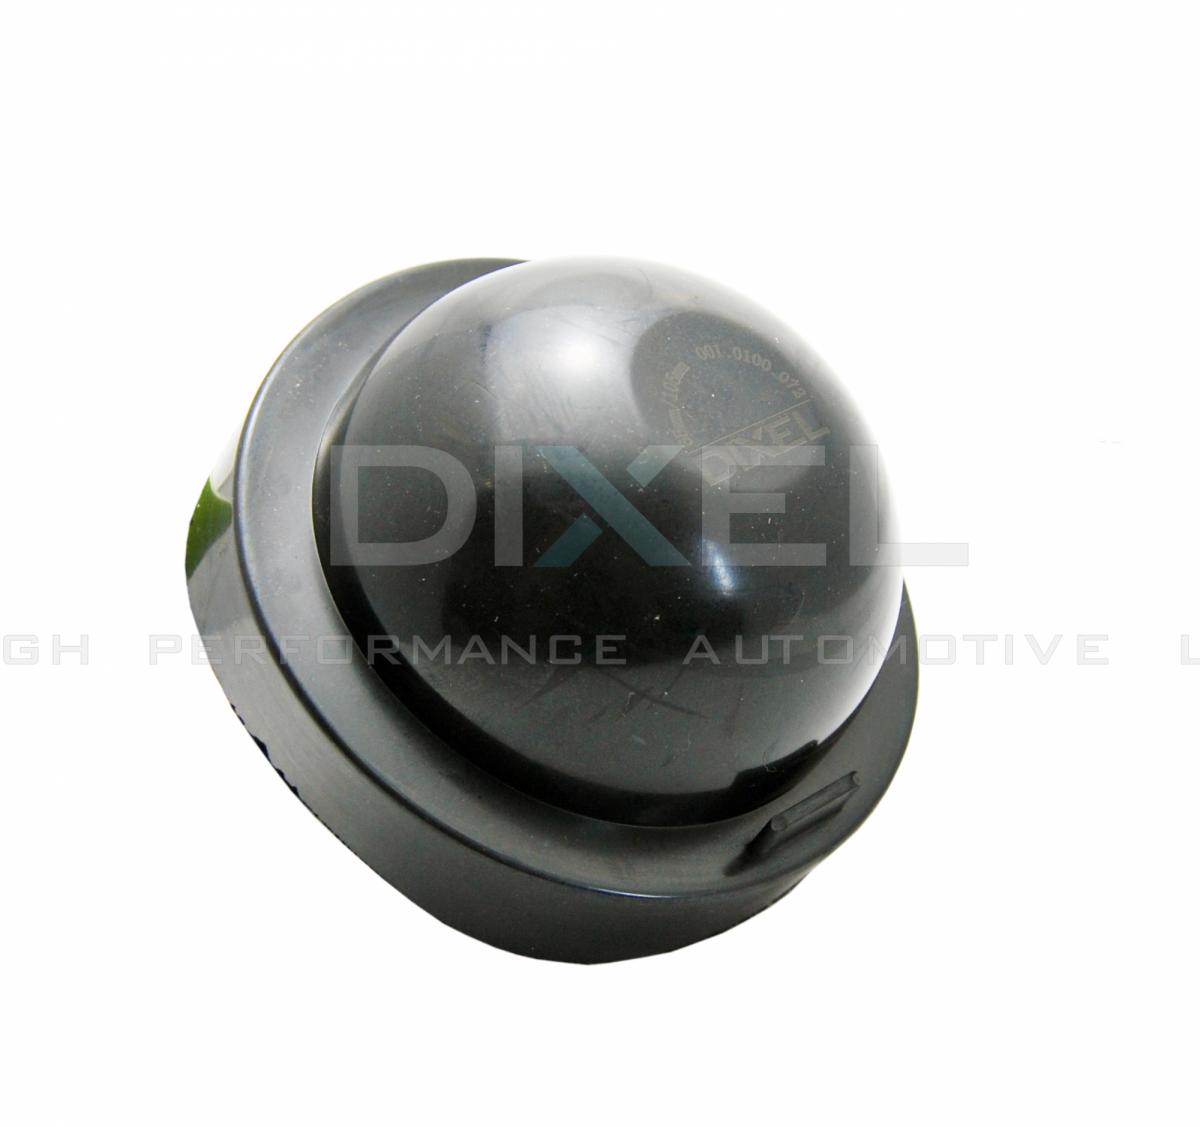 Крышка для фары диаметр 105 мм, высота 60 мм